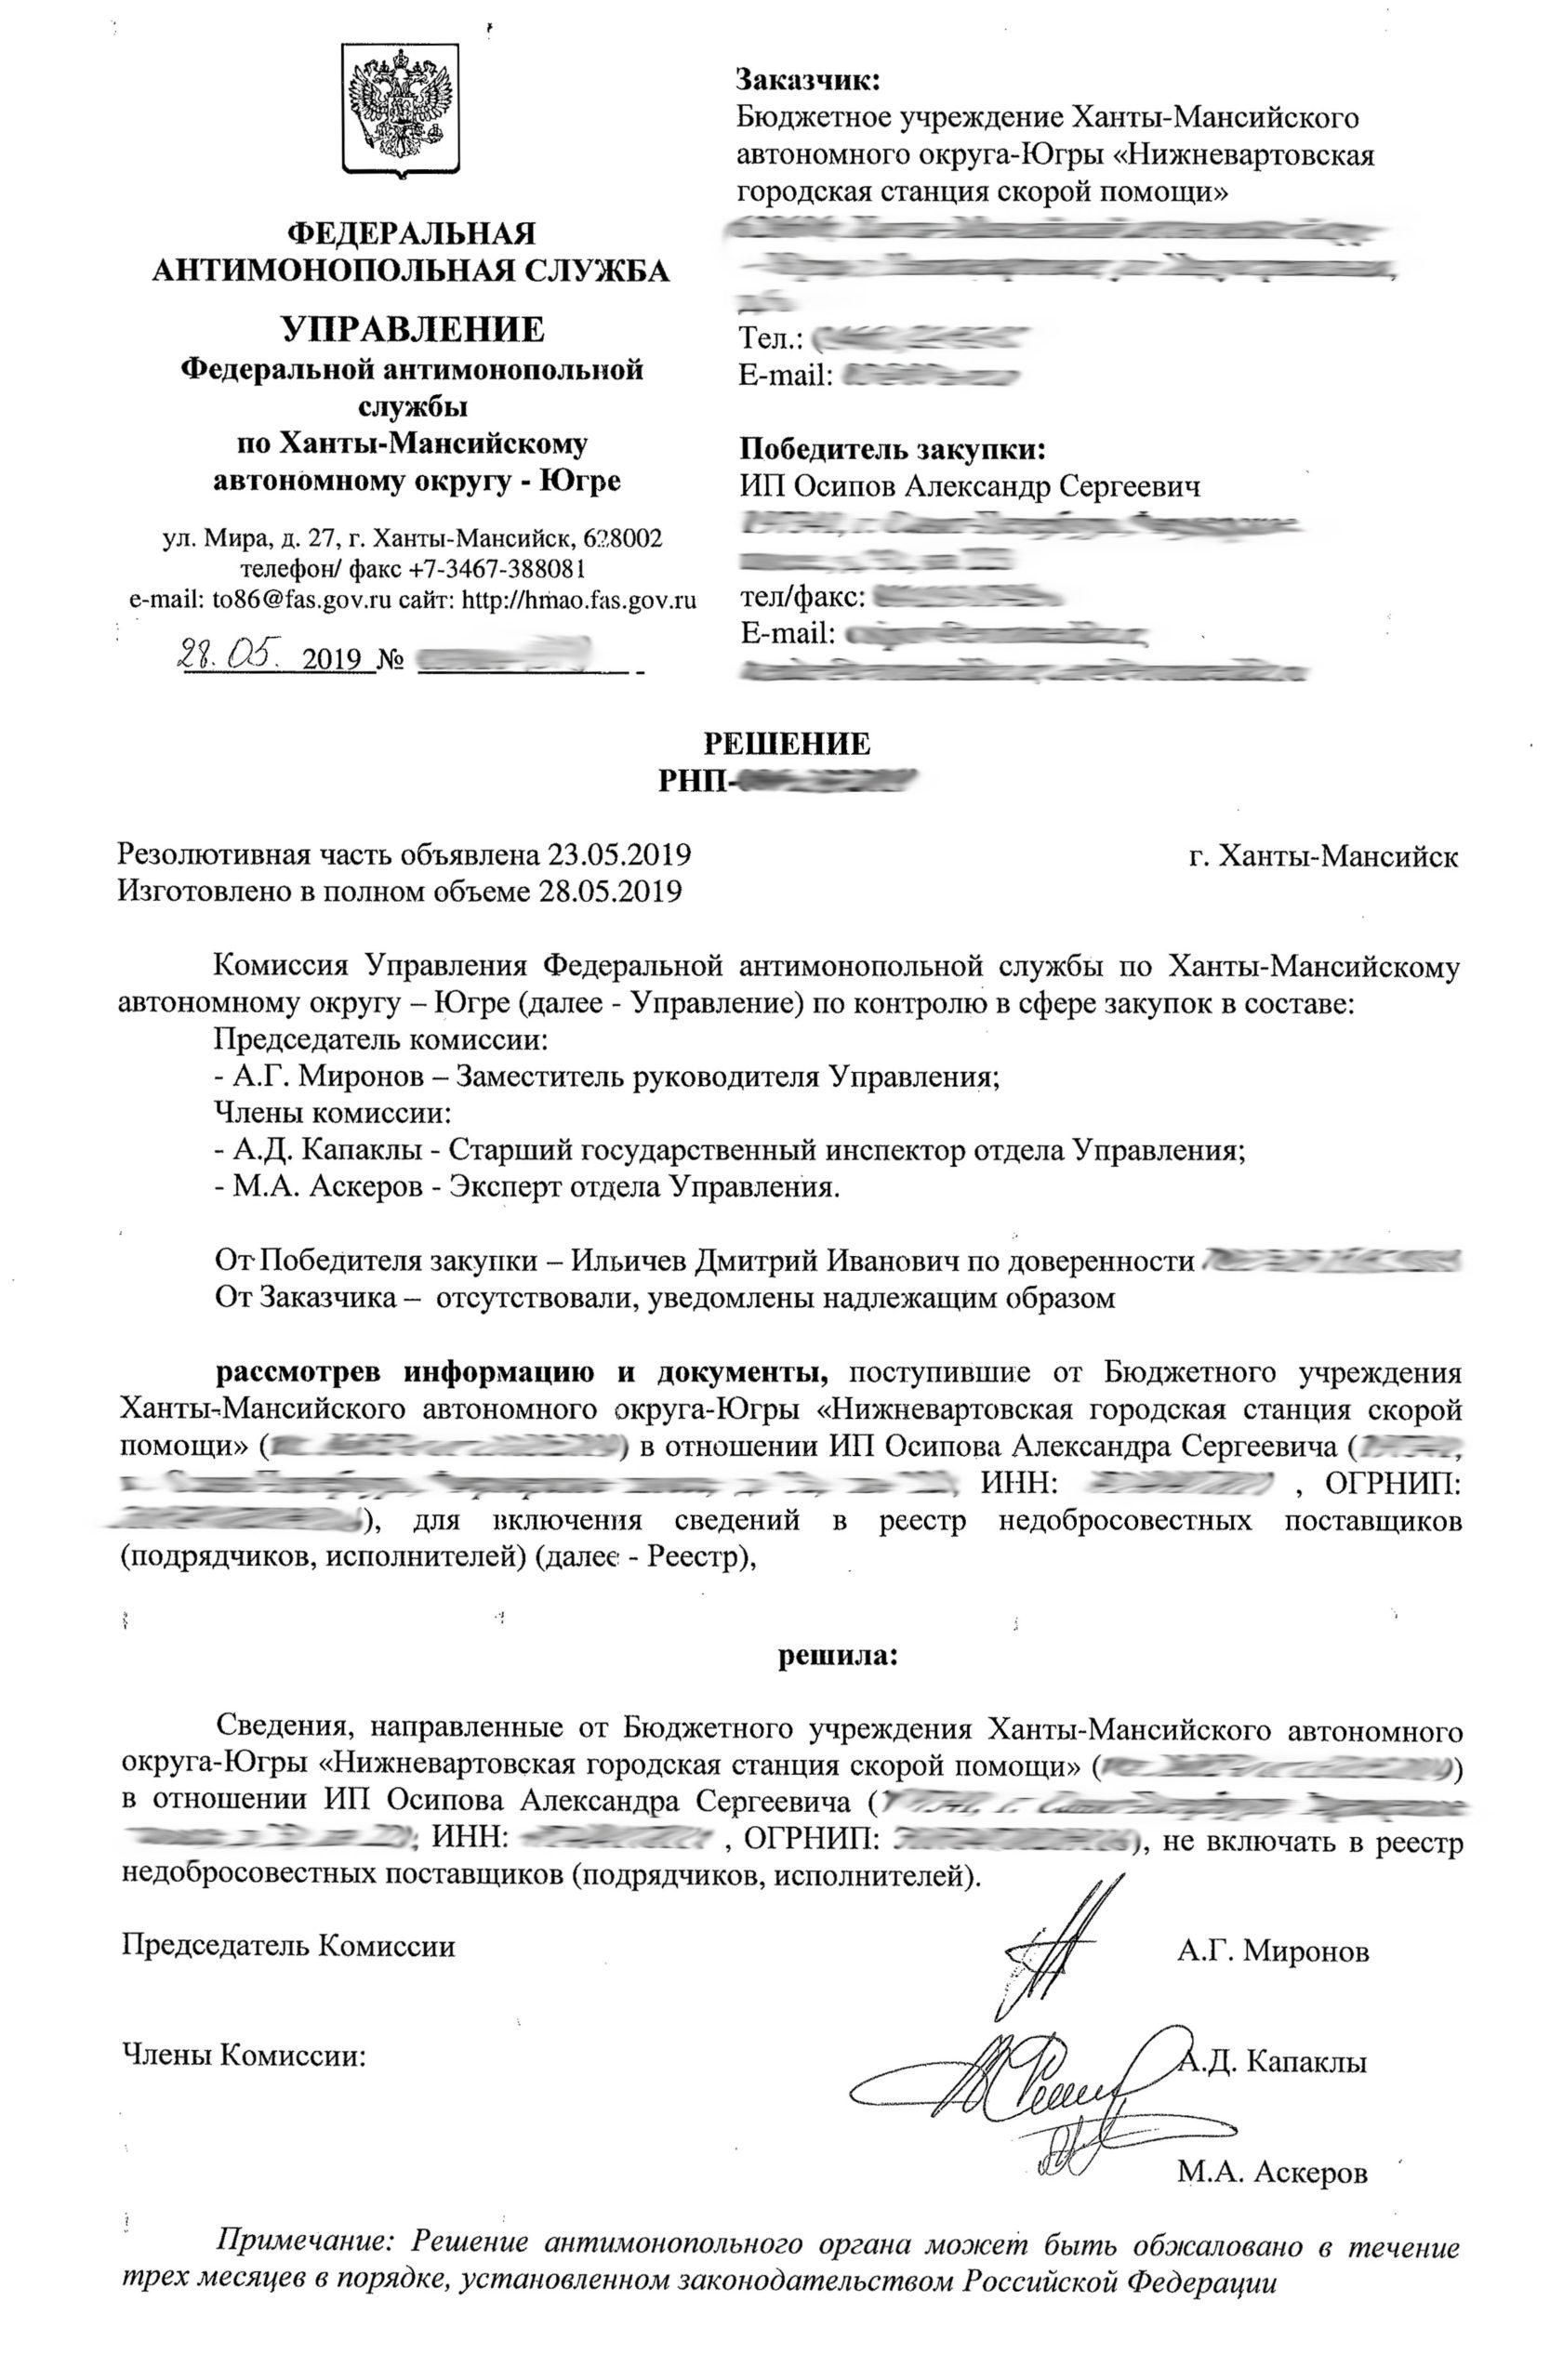 УФАС по Ханты-Мансийскому автономному округу-Югре Осипов решение